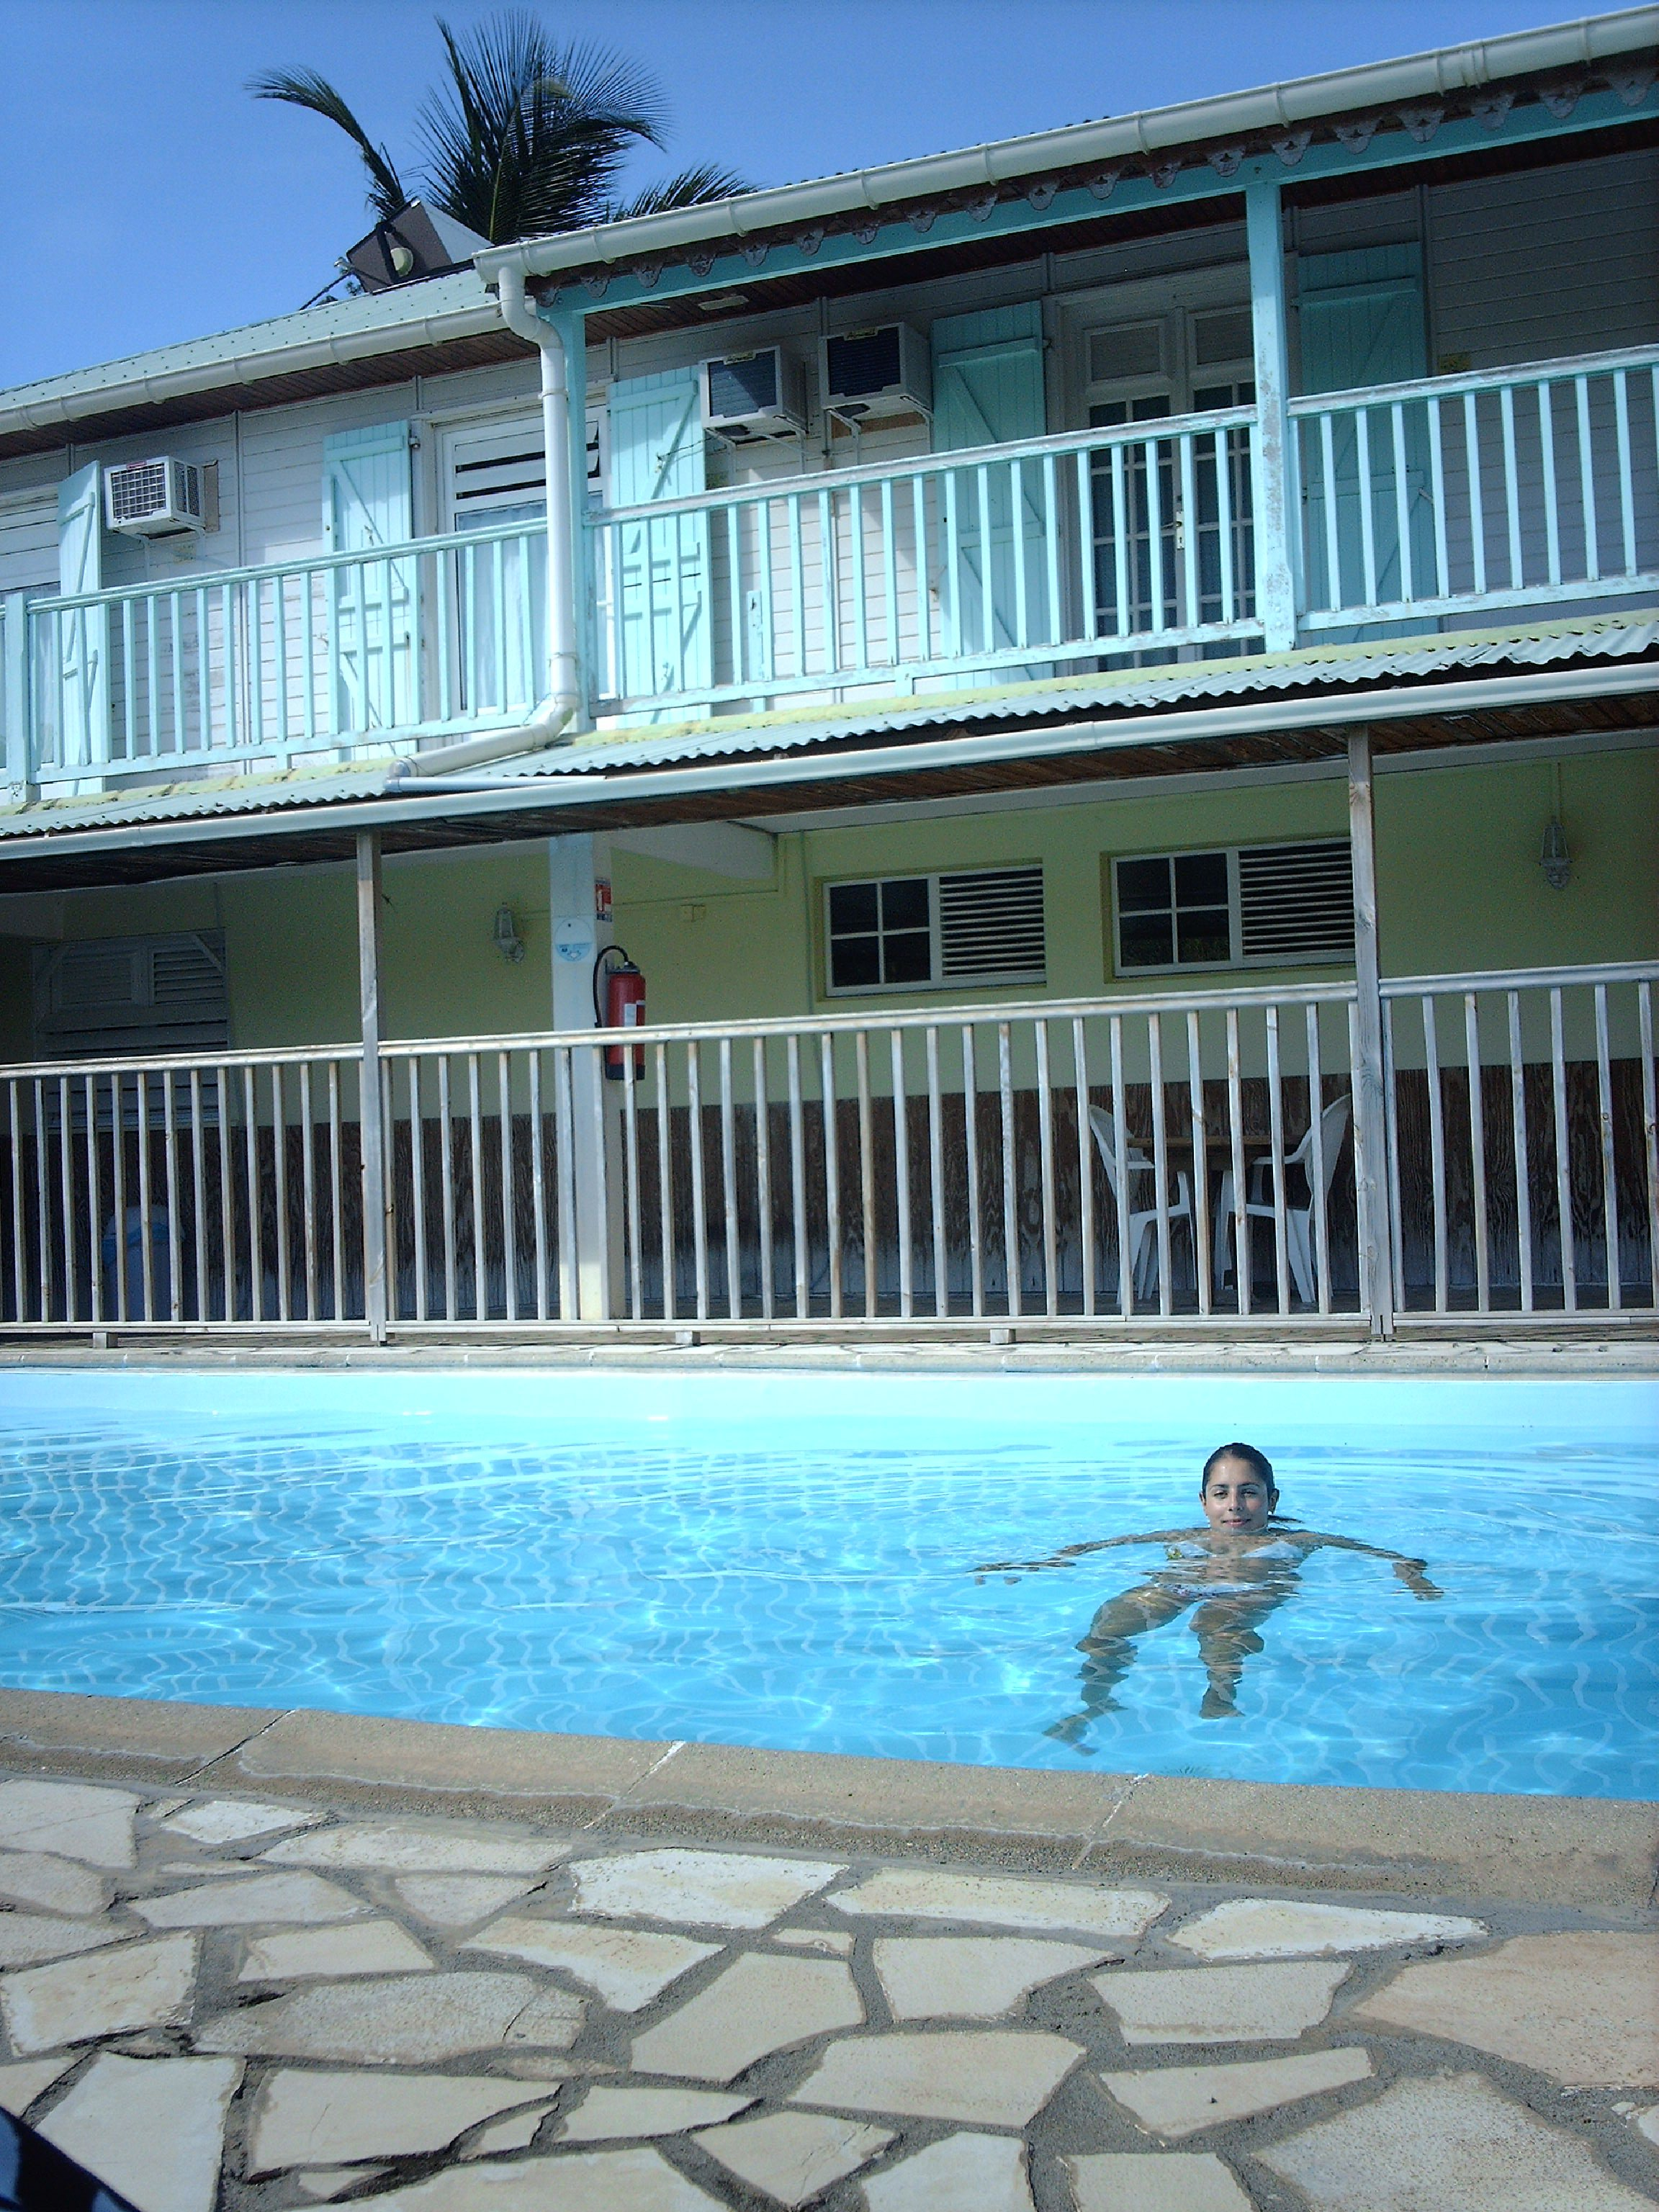 Kin travel la presqu le de la caravelle cot d tente for Caravelle piscine